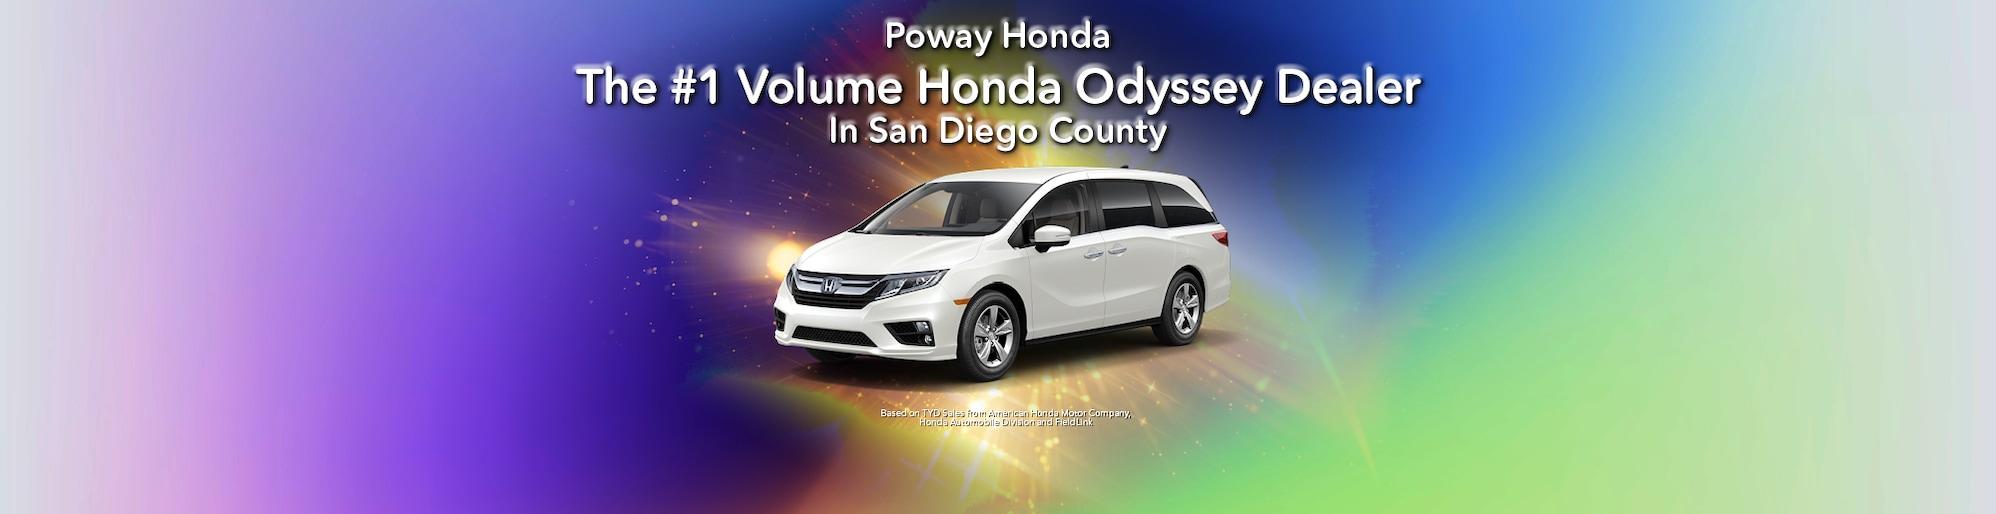 Poway Honda New Honda Used Car Dealer